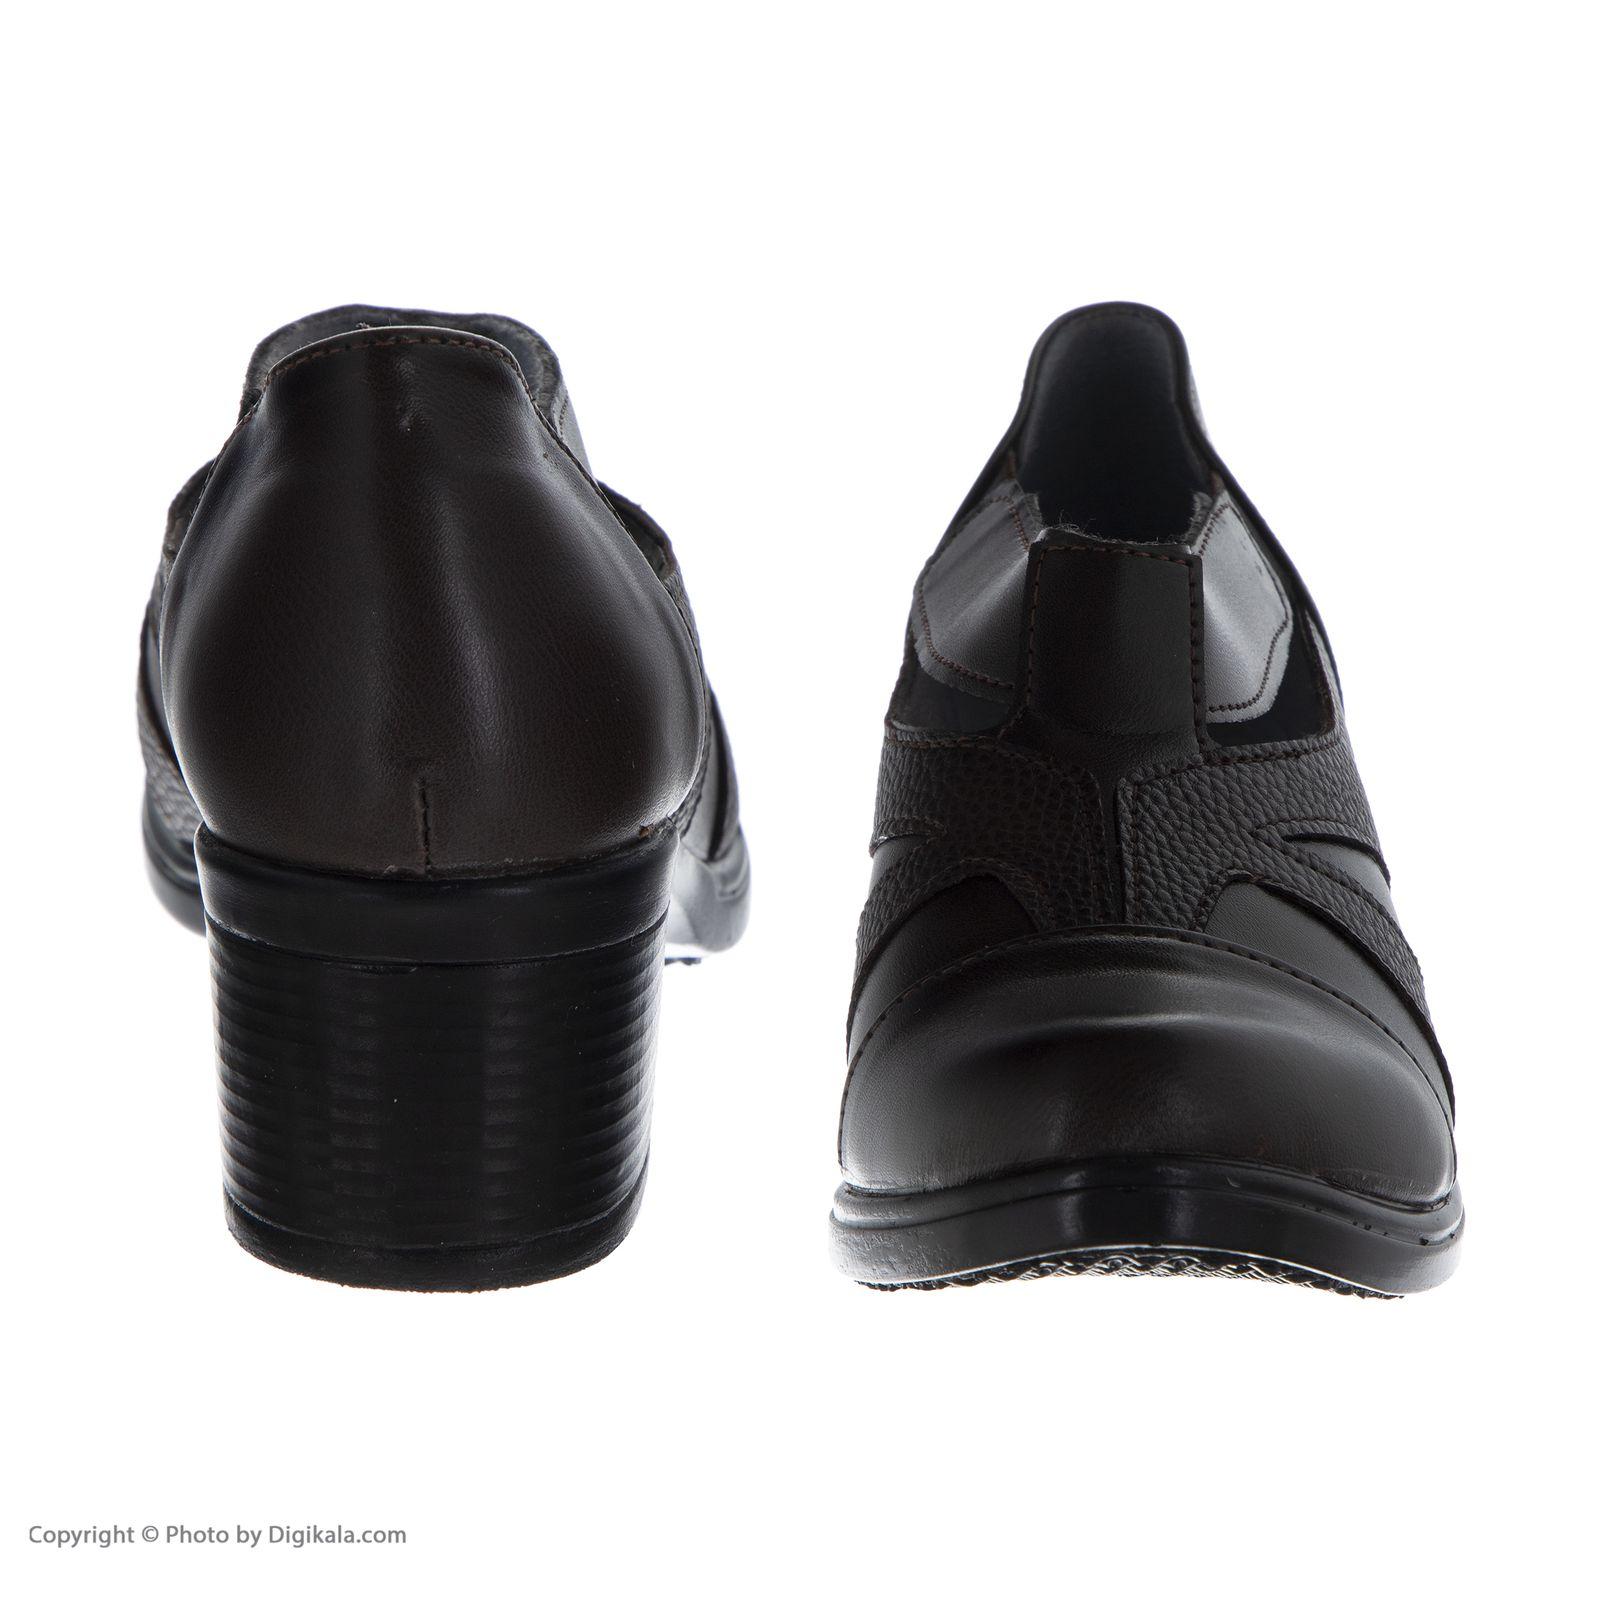 کفش زنانه طبی سینا مدل رها  کد 2 رنگ قهوه ای main 1 5